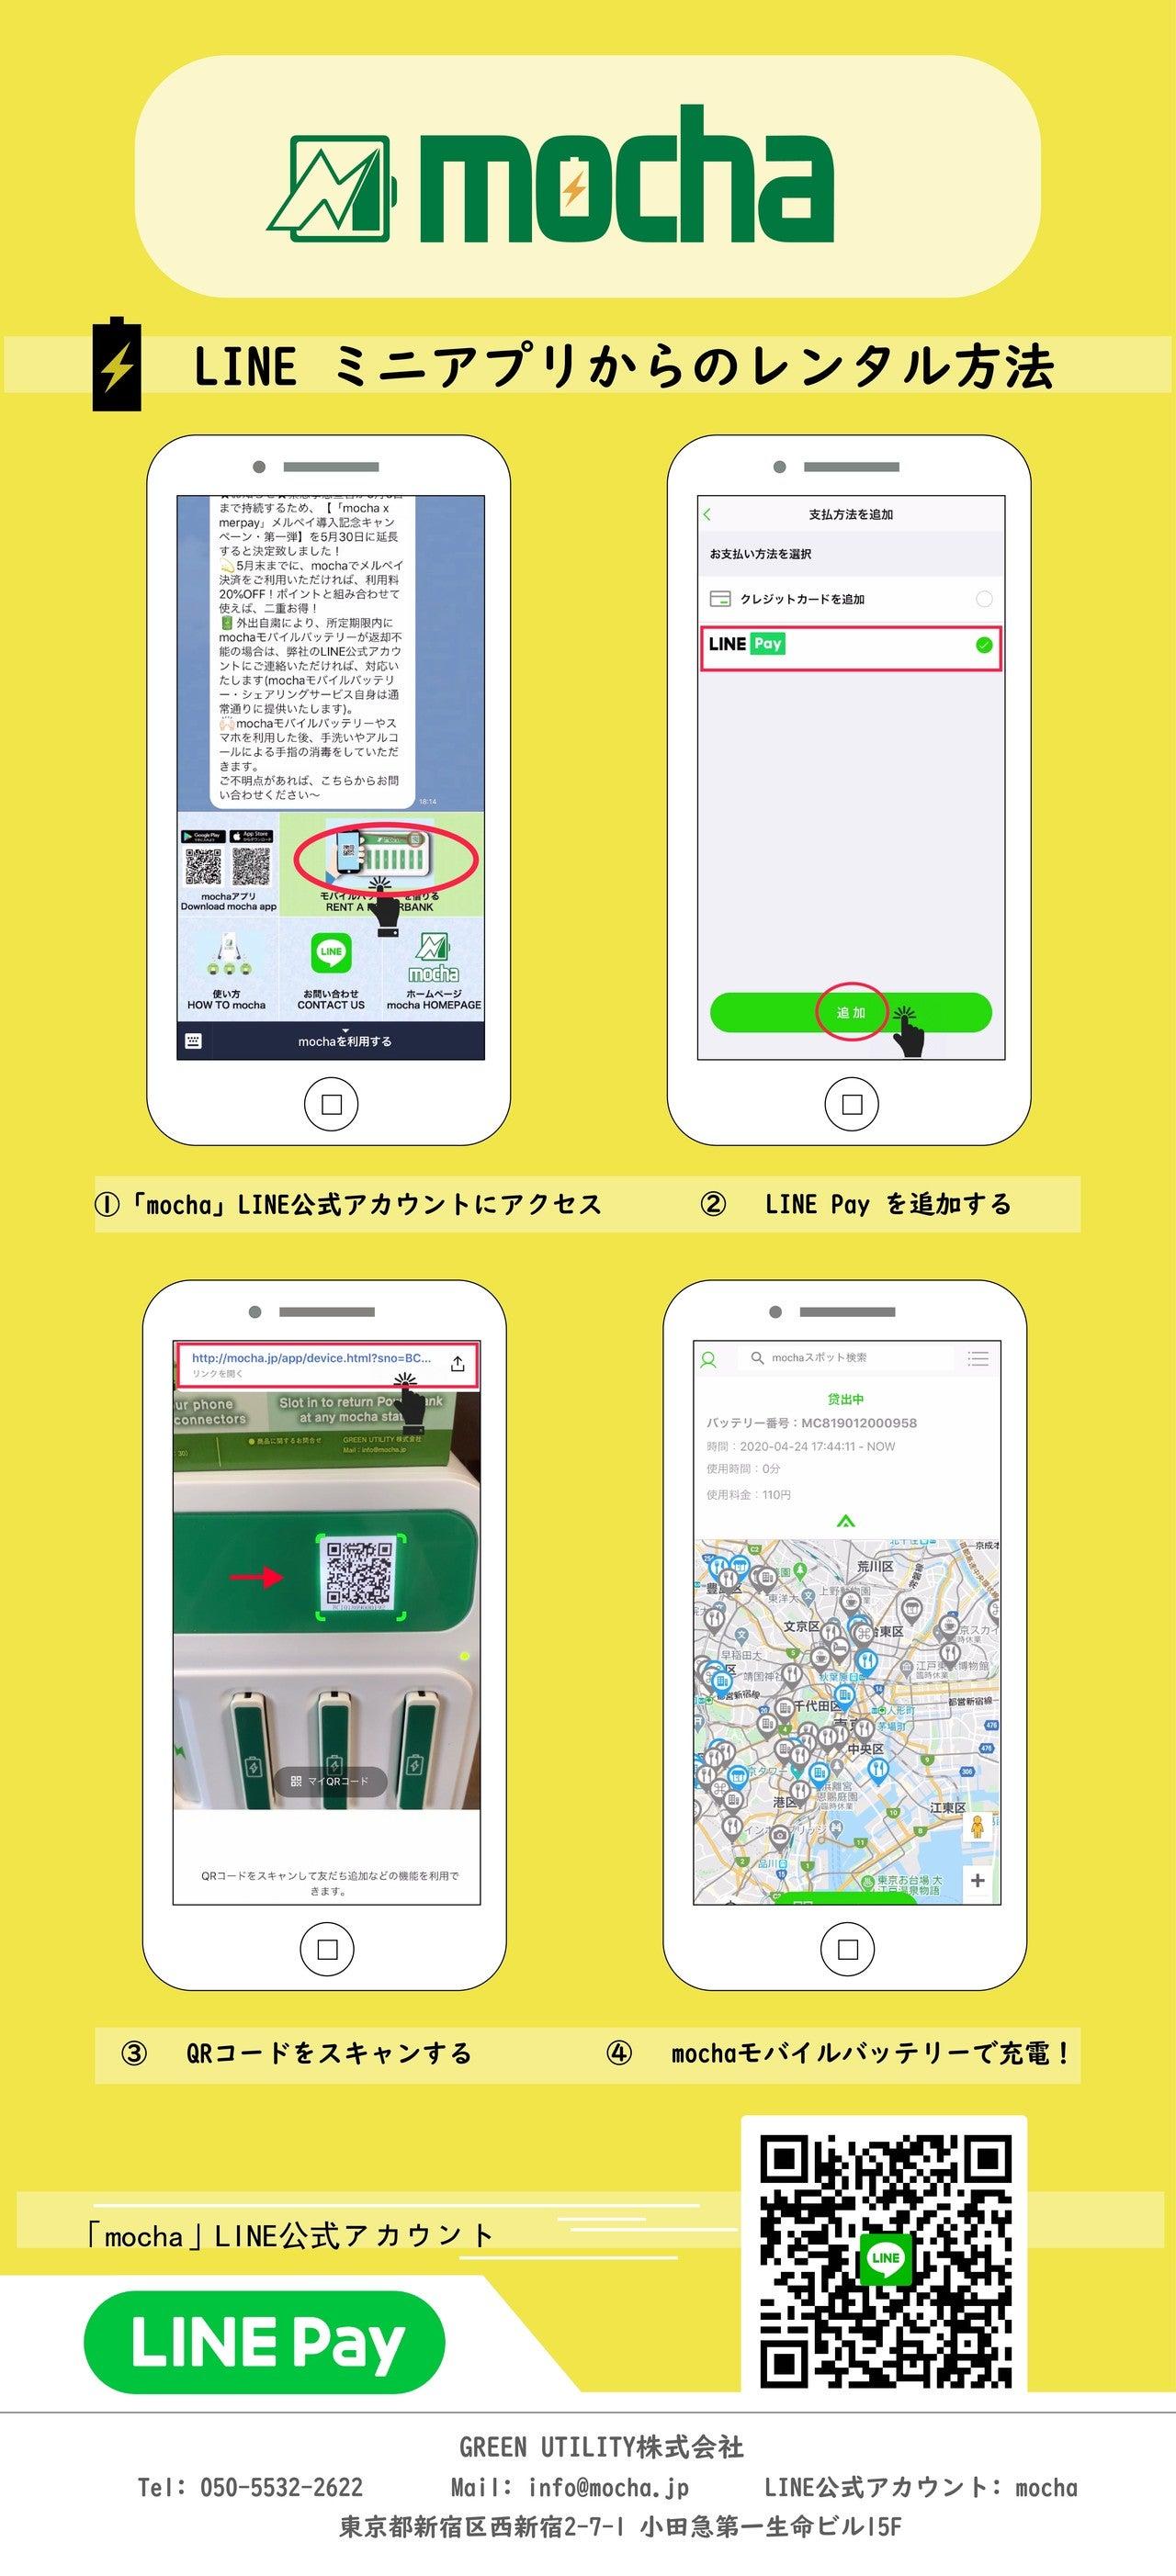 mocha_line_miniapp_画板_1